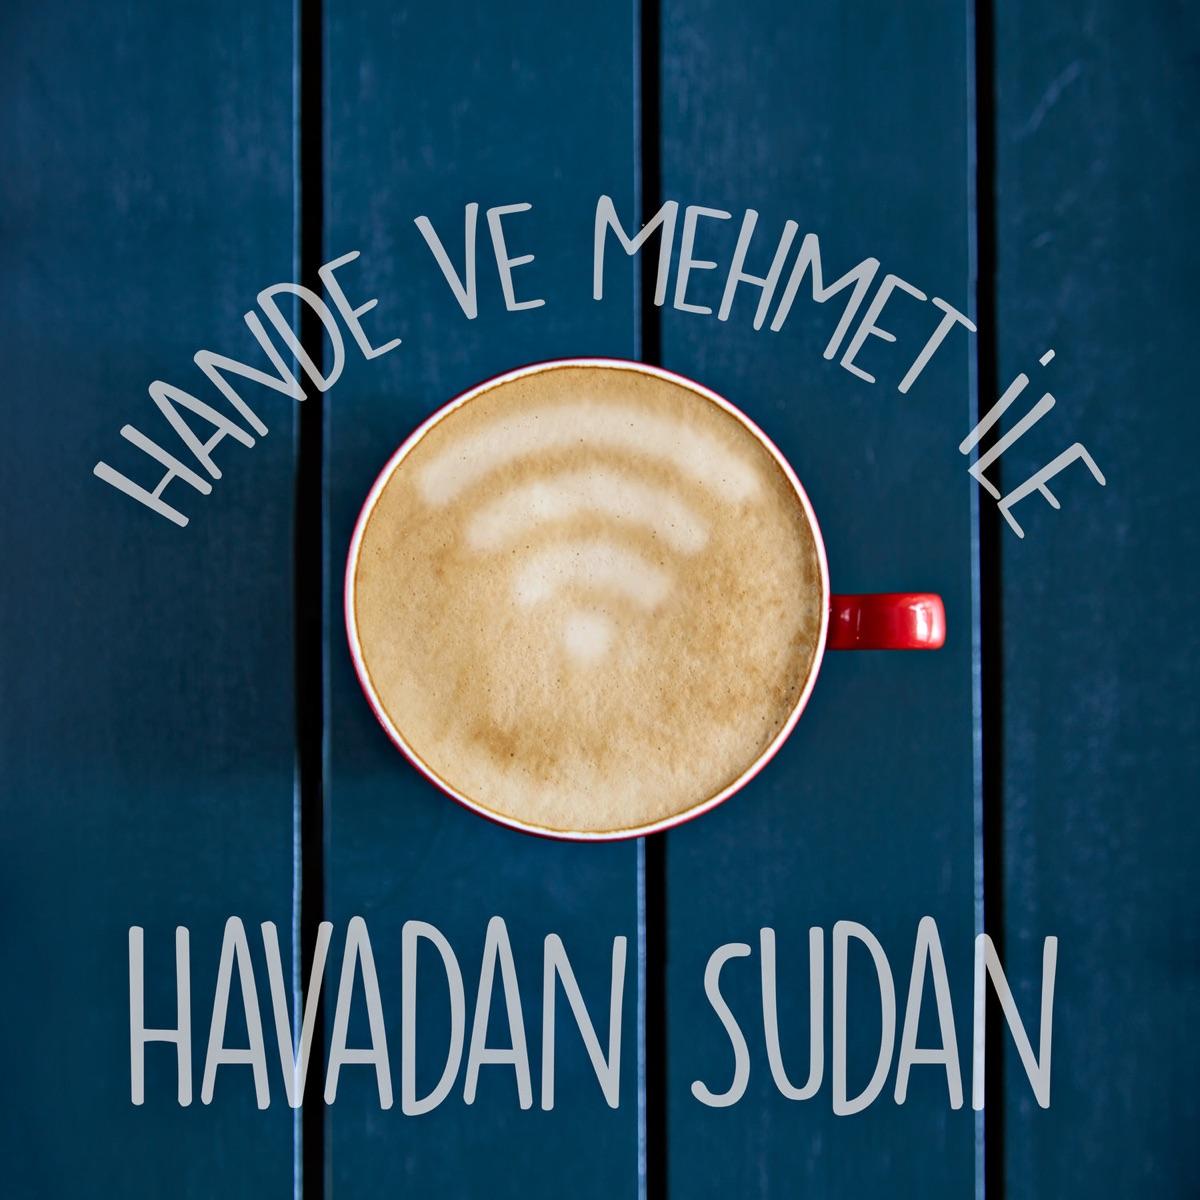 Havadan Sudan